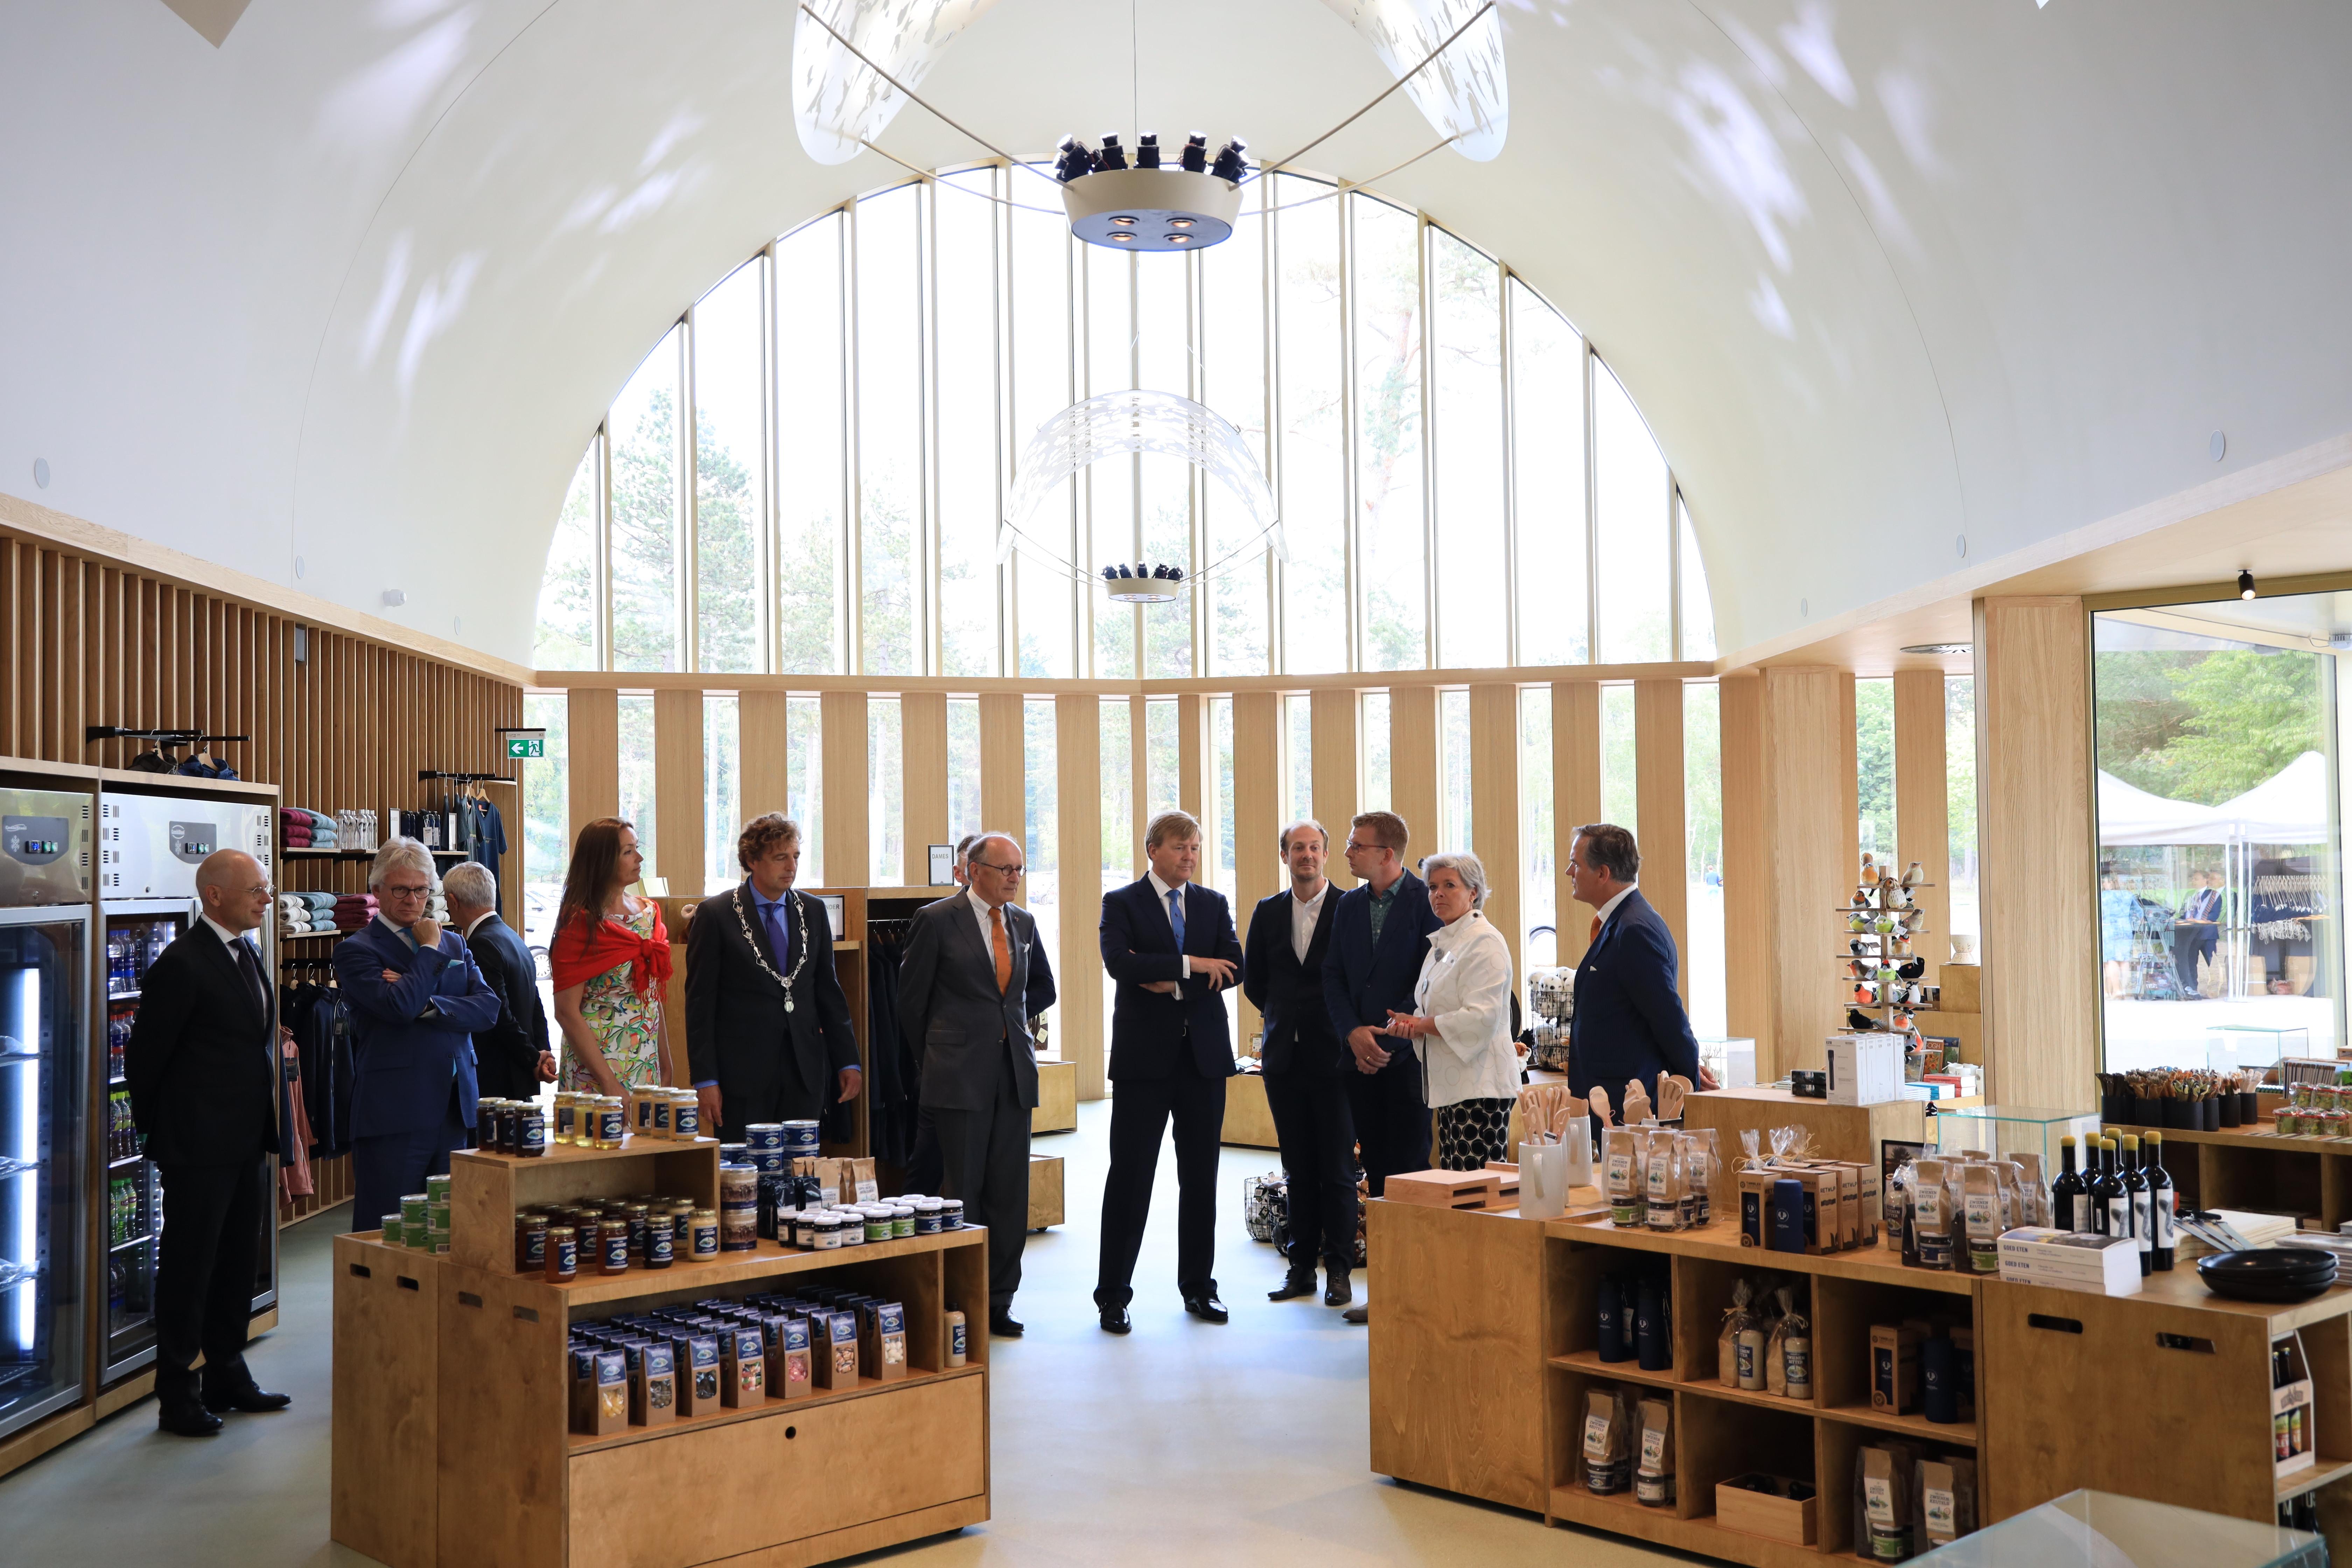 Nieuw publieksgebouw De Hoge Veluwe geopend door Koning Willem-Alexander